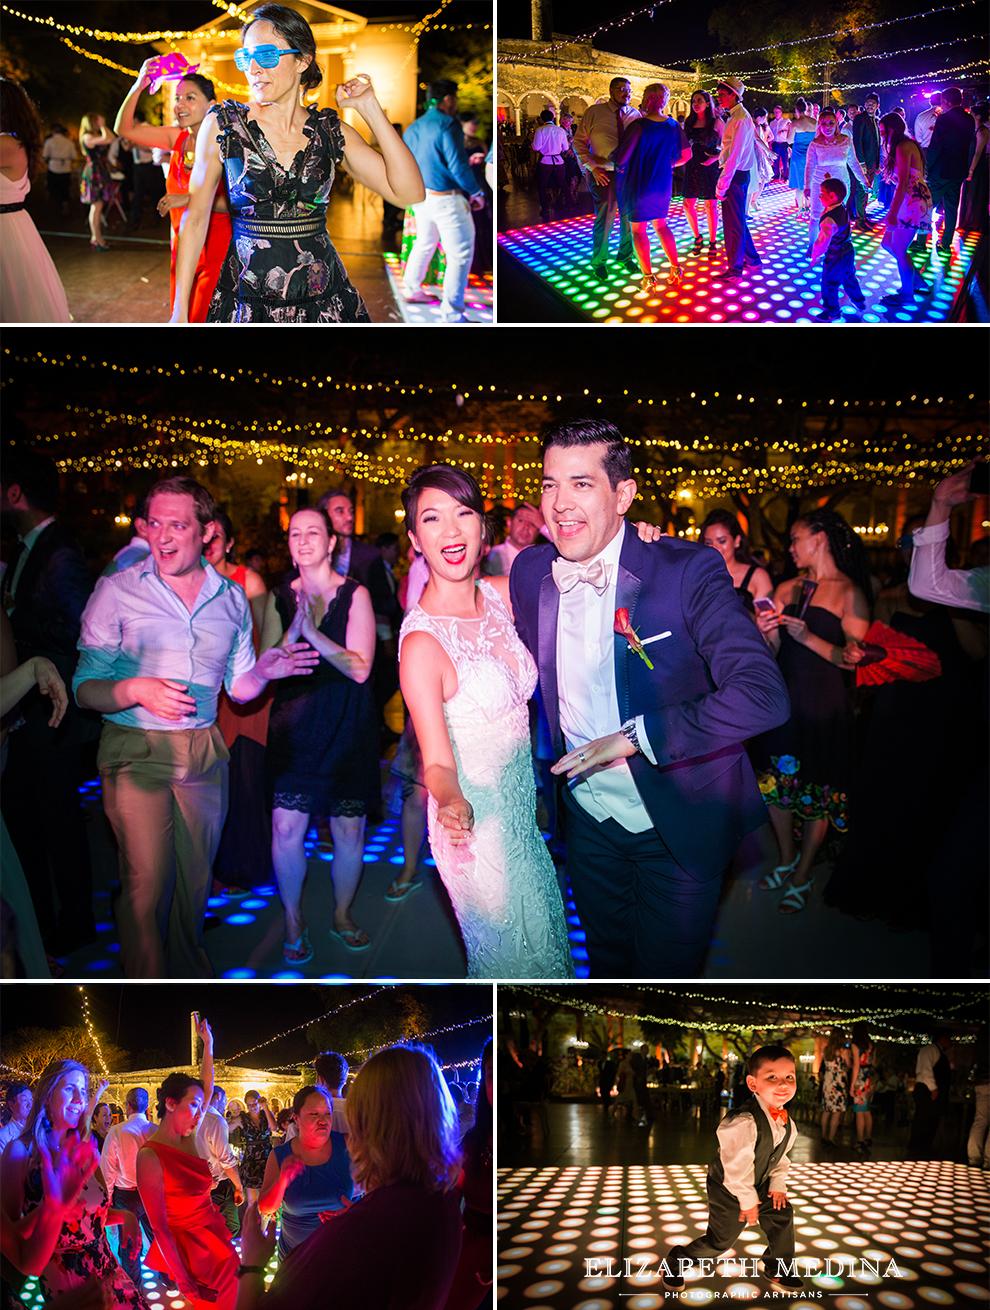 hacienda tekik de regil wedding elizabeth medina photography 53 Hacienda Tekik de Regil Yucatan Wedding, Fotografía Hacienda Tekik de Regil, Yucatán